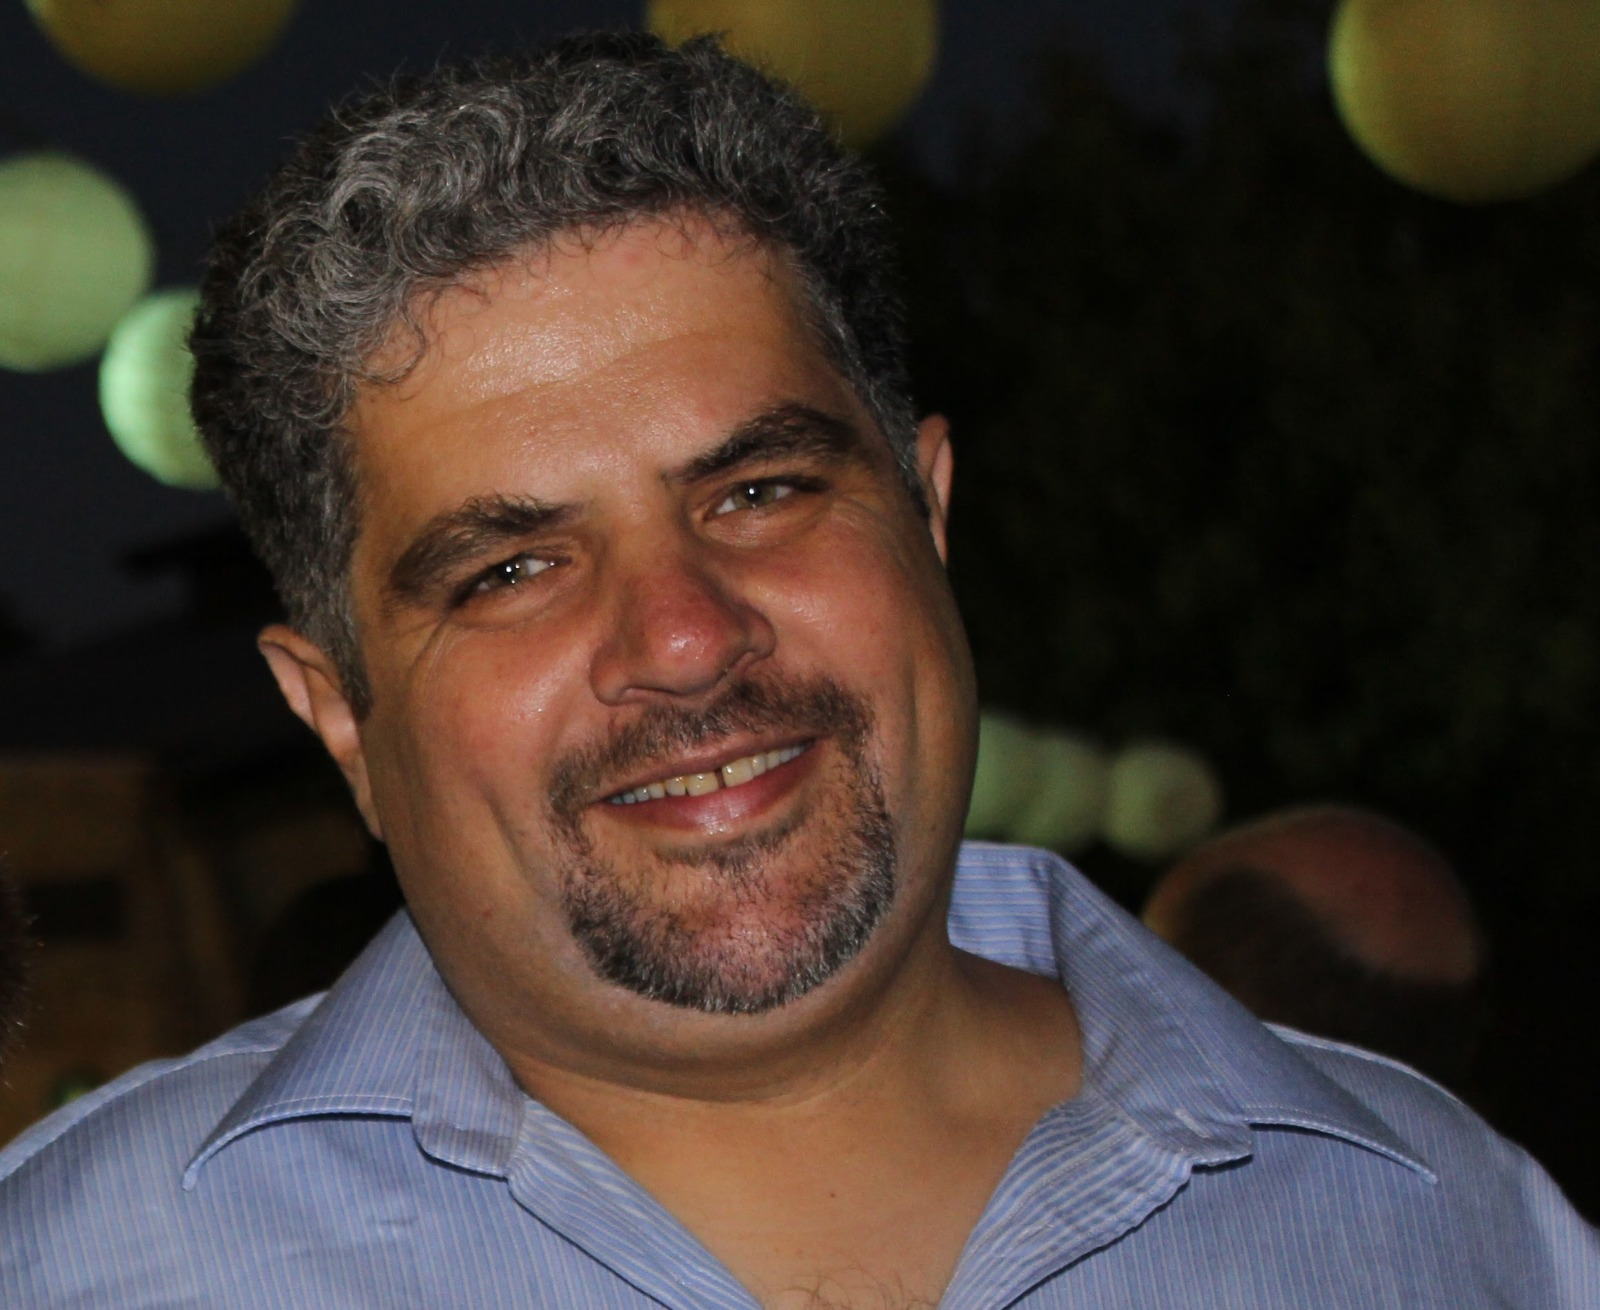 """Photo of מנכ""""ל חדש נבחר ל""""ספארי"""" ברמת גן: אורן בן-יוסף. היה מנכ""""ל הגן הבוטני בירושלים ובעל ניסיון בפיתוח כלכלי"""